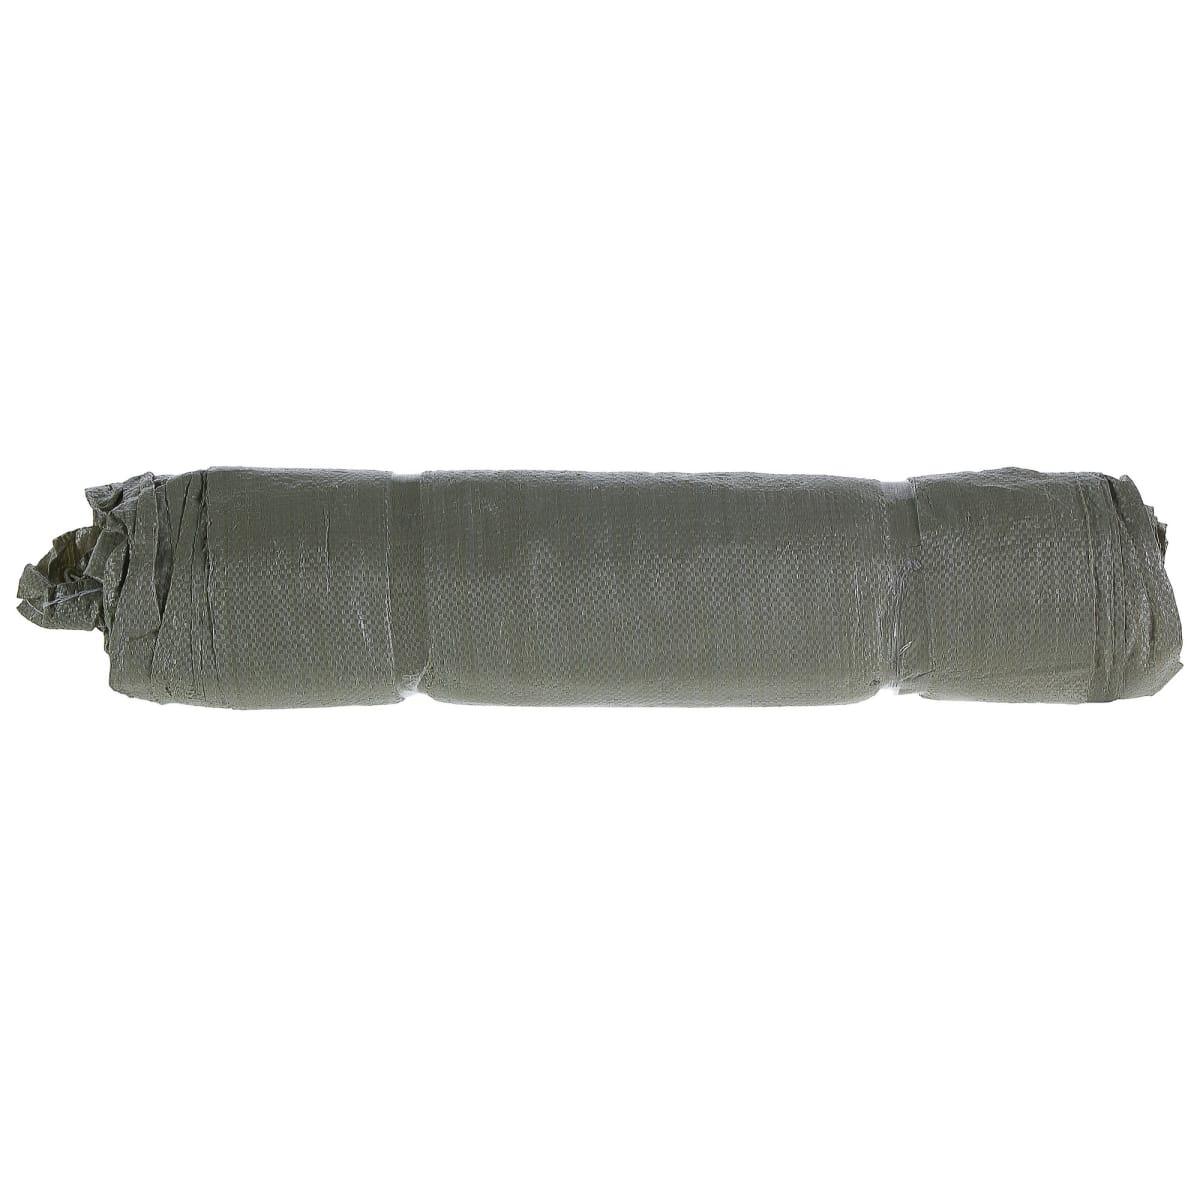 Мешки для мусора, ткань/пропилен, 950х550 мм, 50 шт.